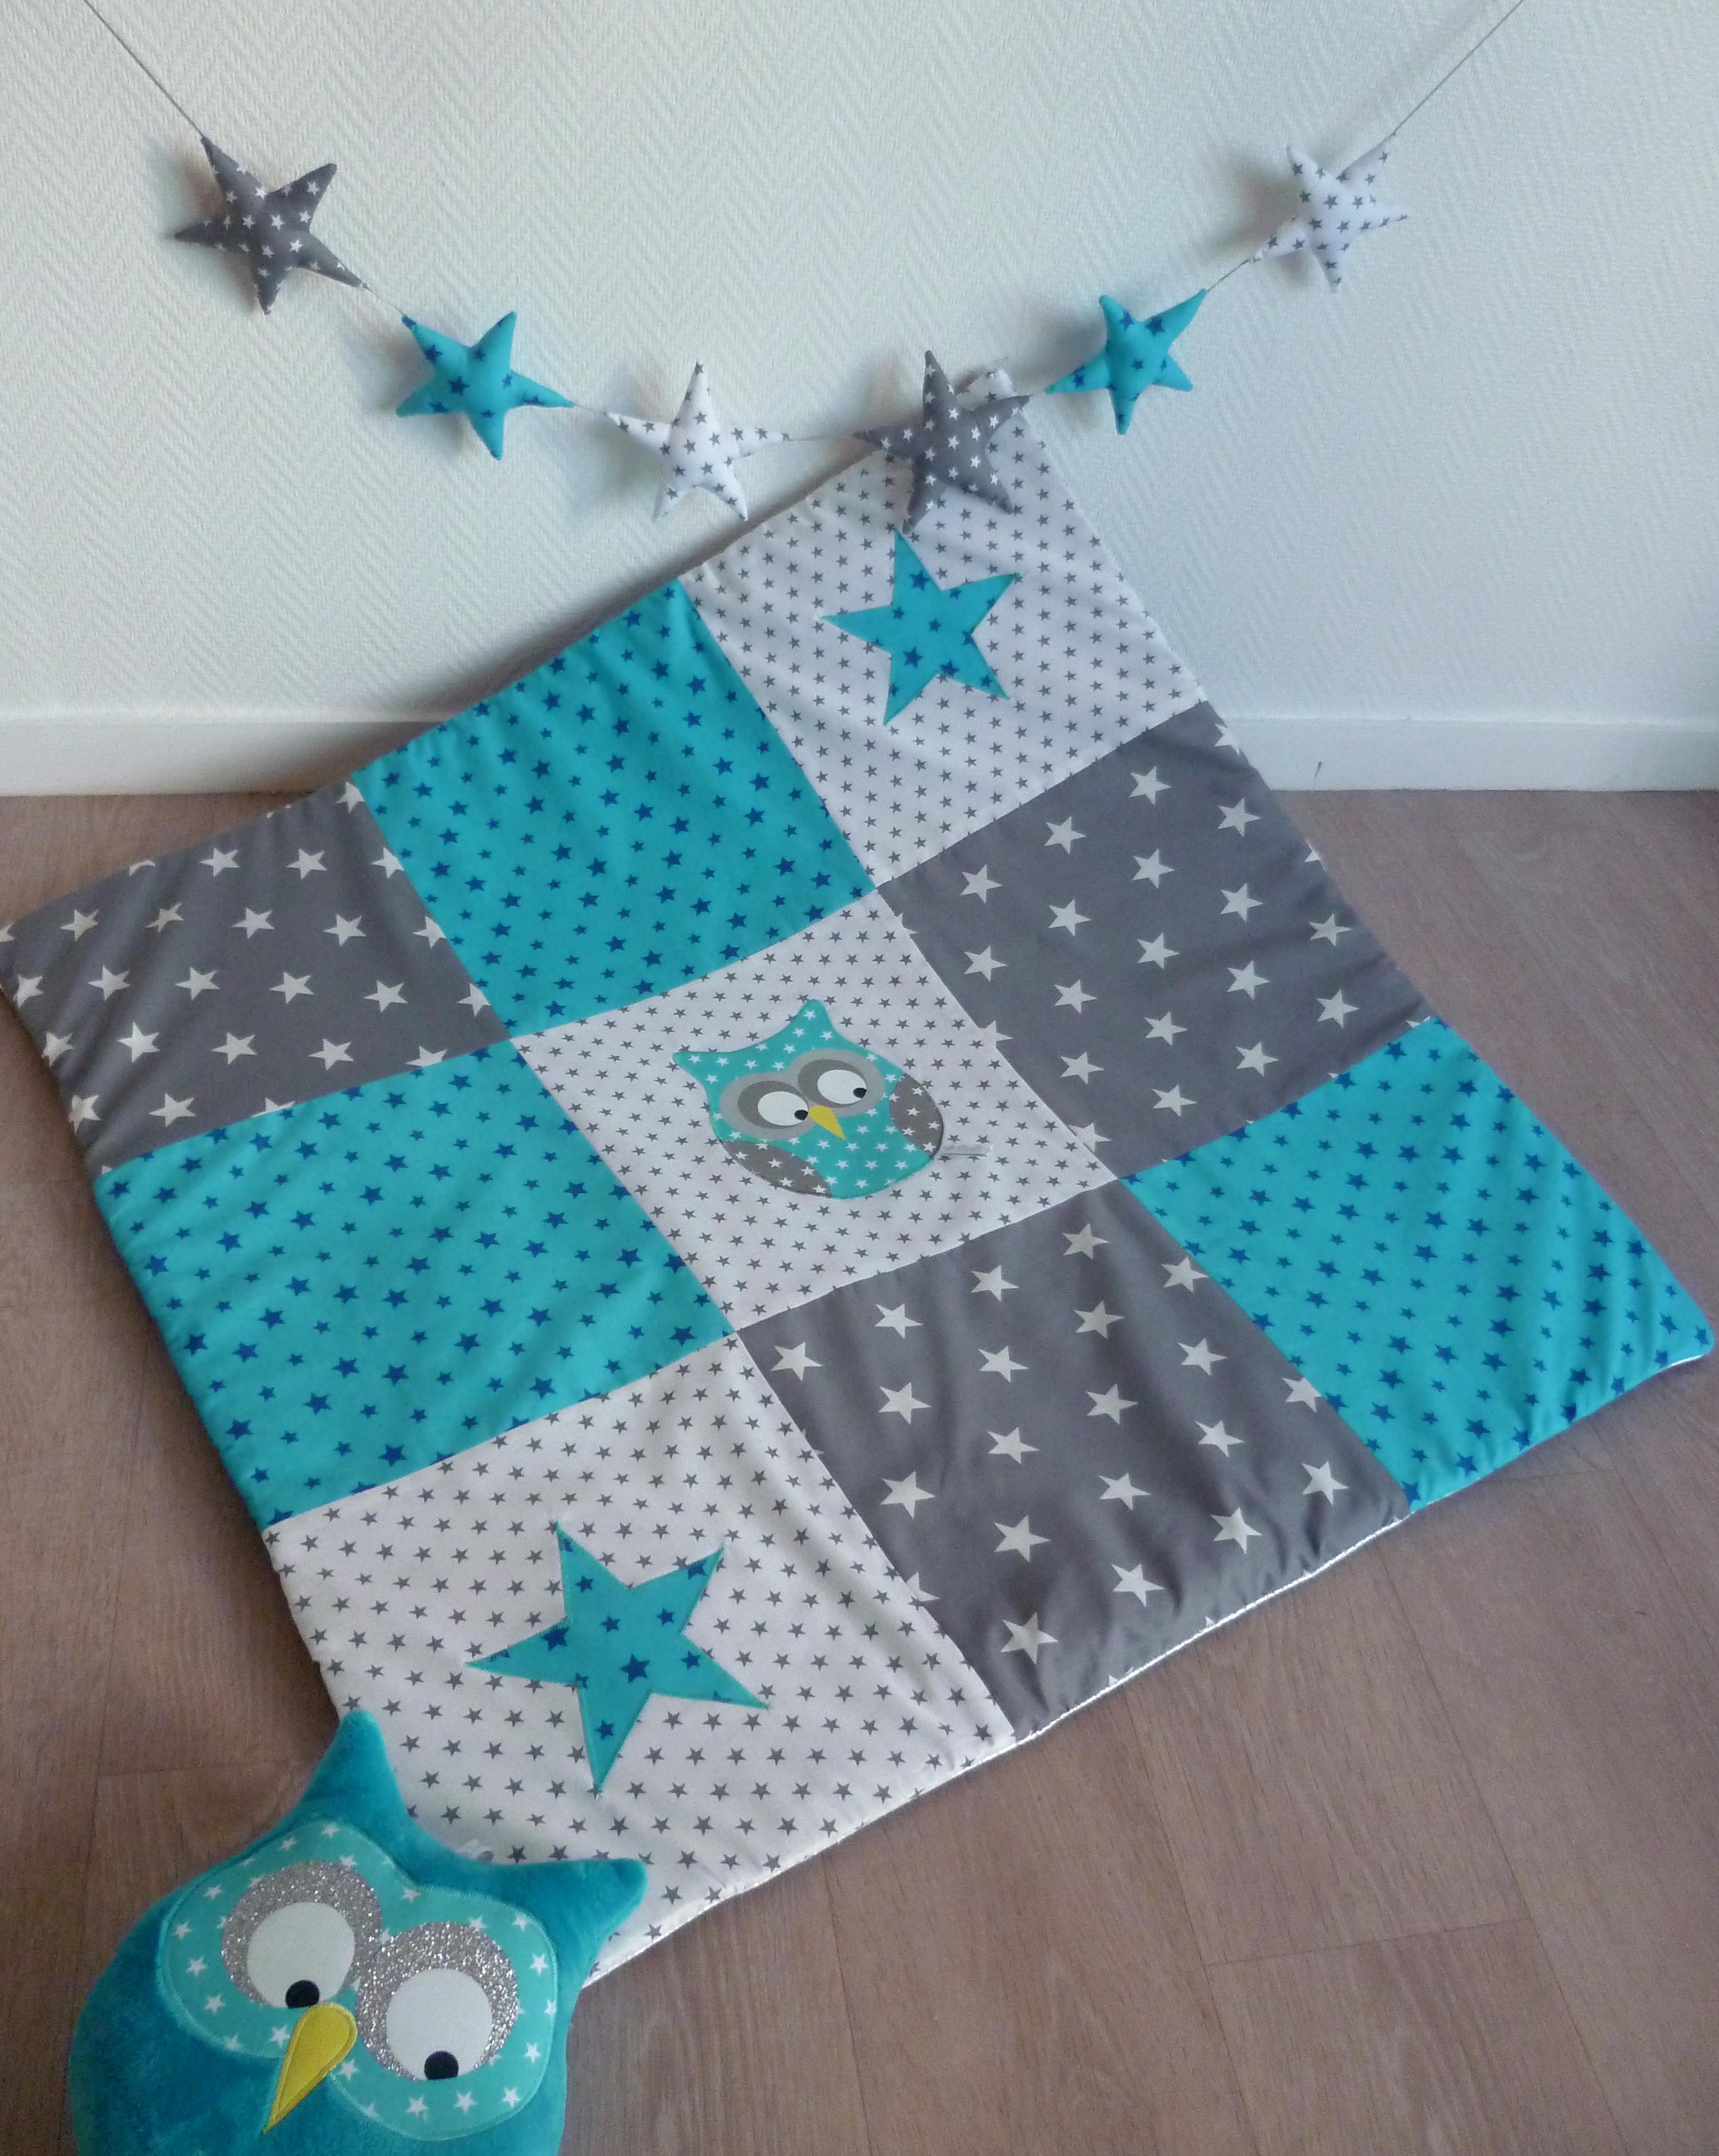 patchwork couverture bébé Tapis de jeu hibou Patchwork bleu · Guili Gribouilli   Linge de  patchwork couverture bébé